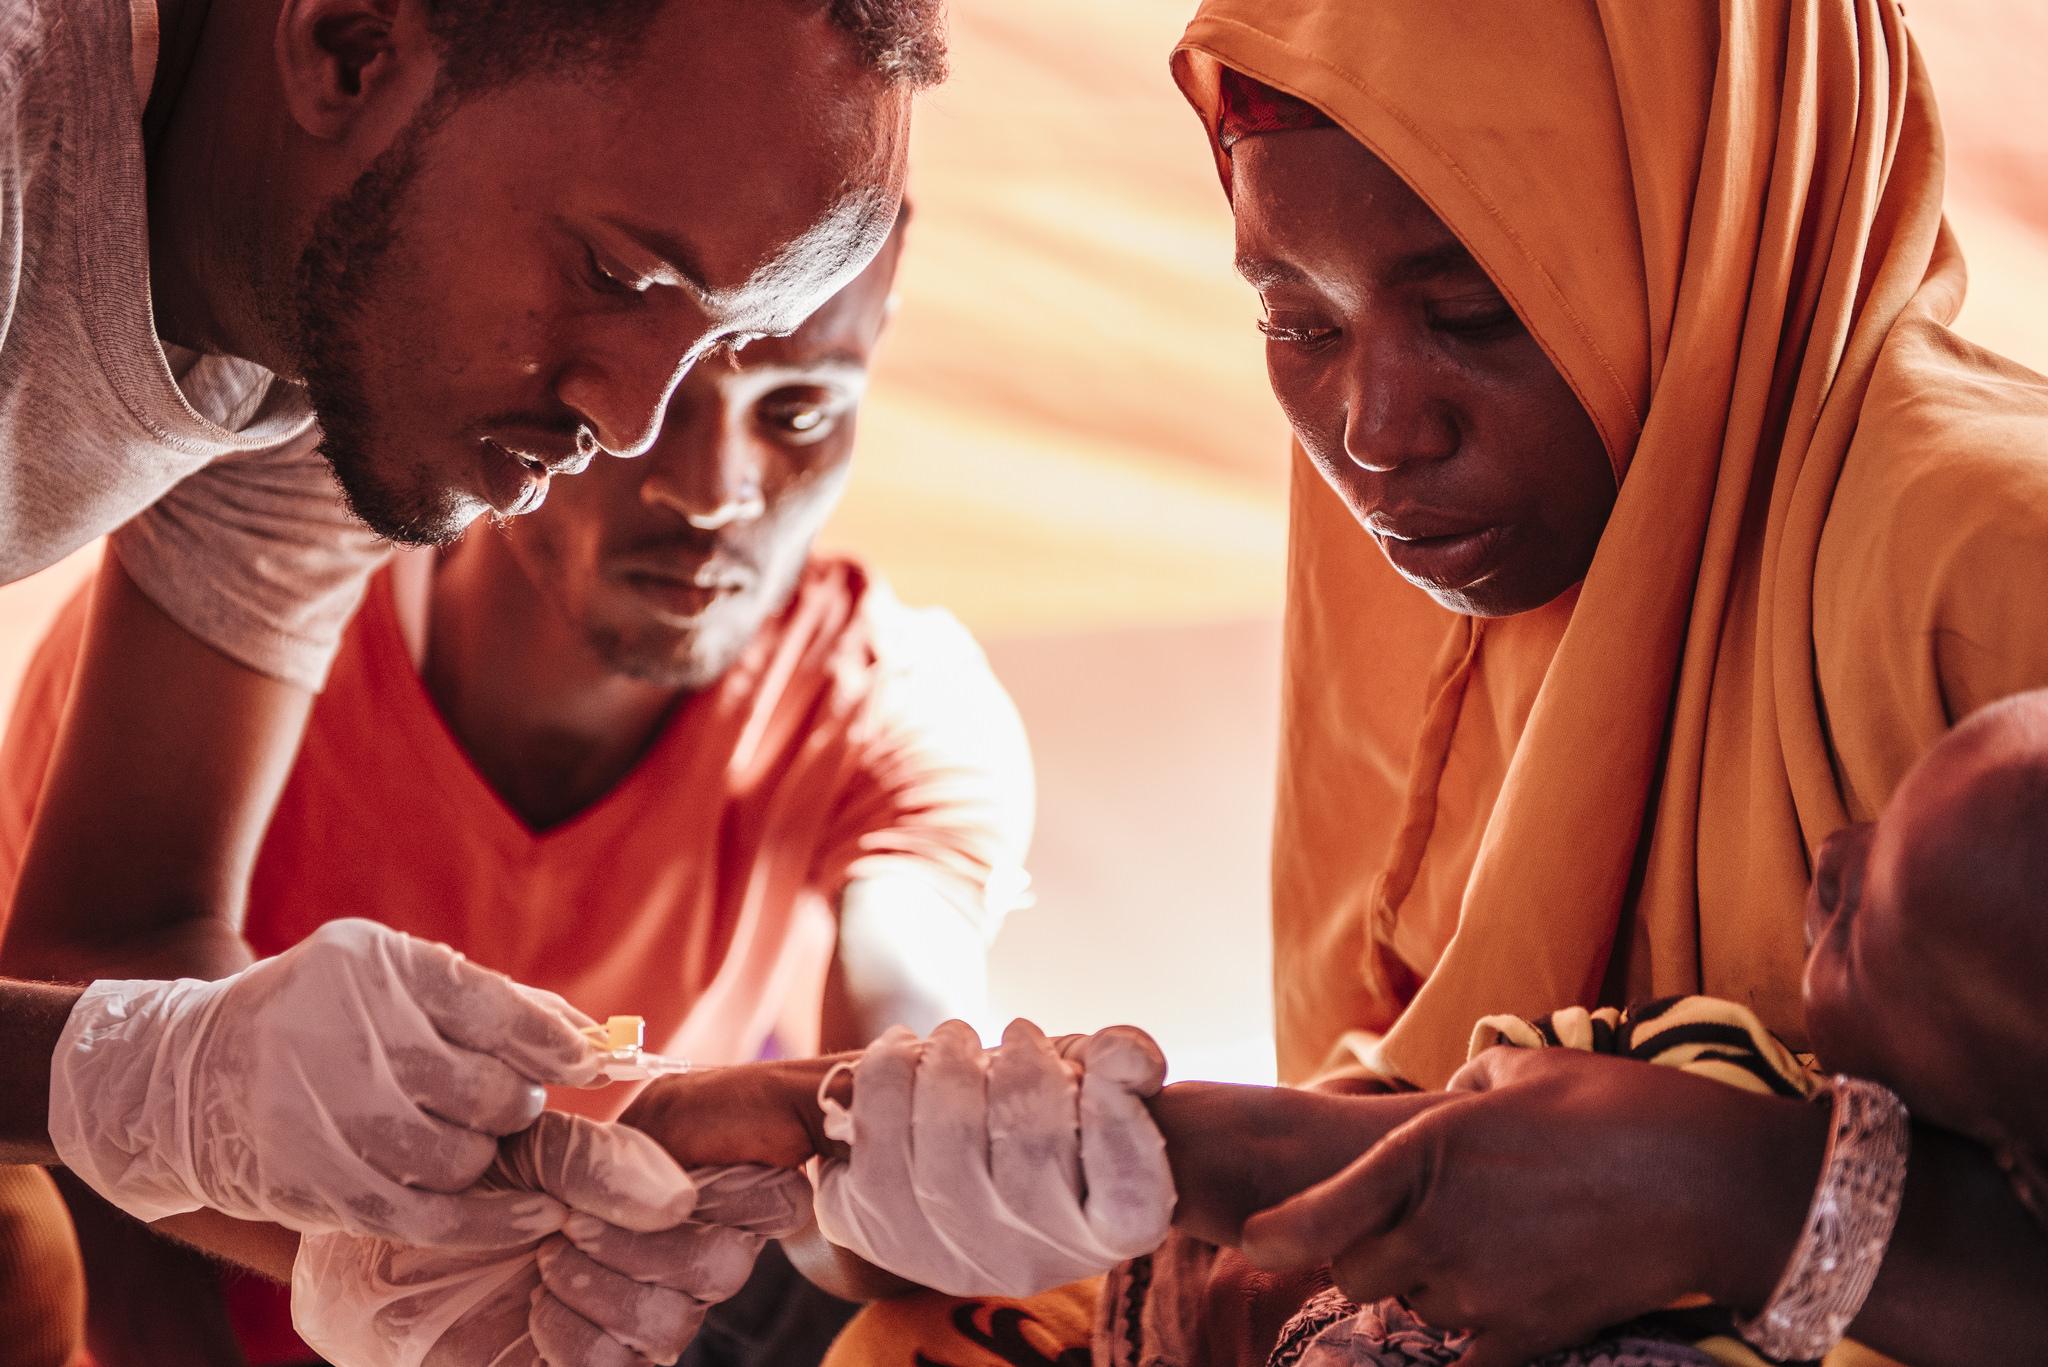 Medical care in Somalia